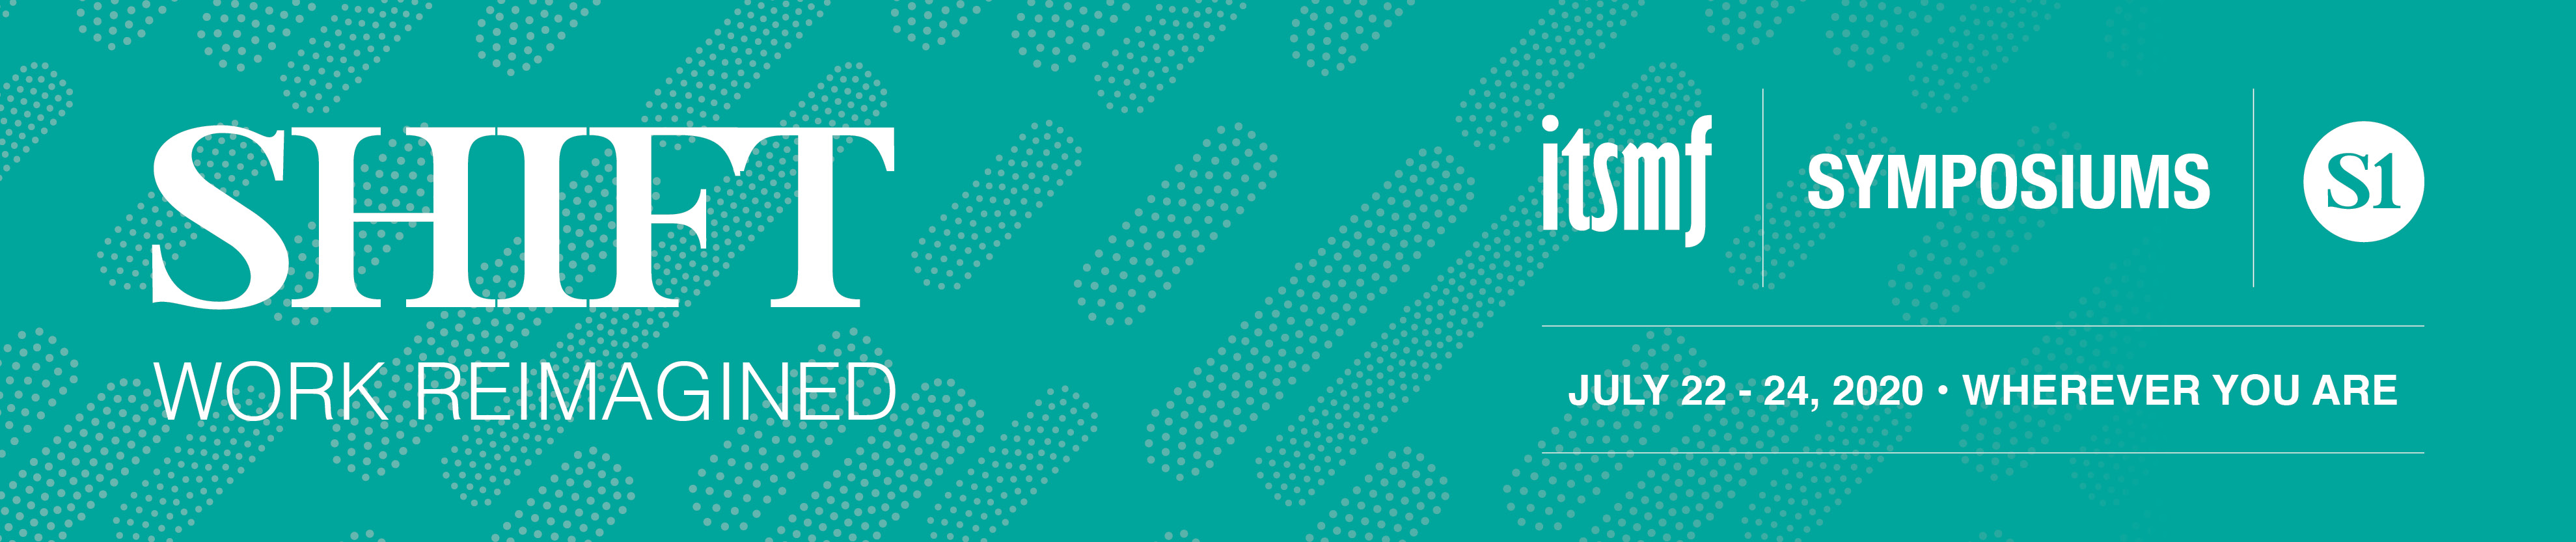 ITSMF Symposium (S1-20)